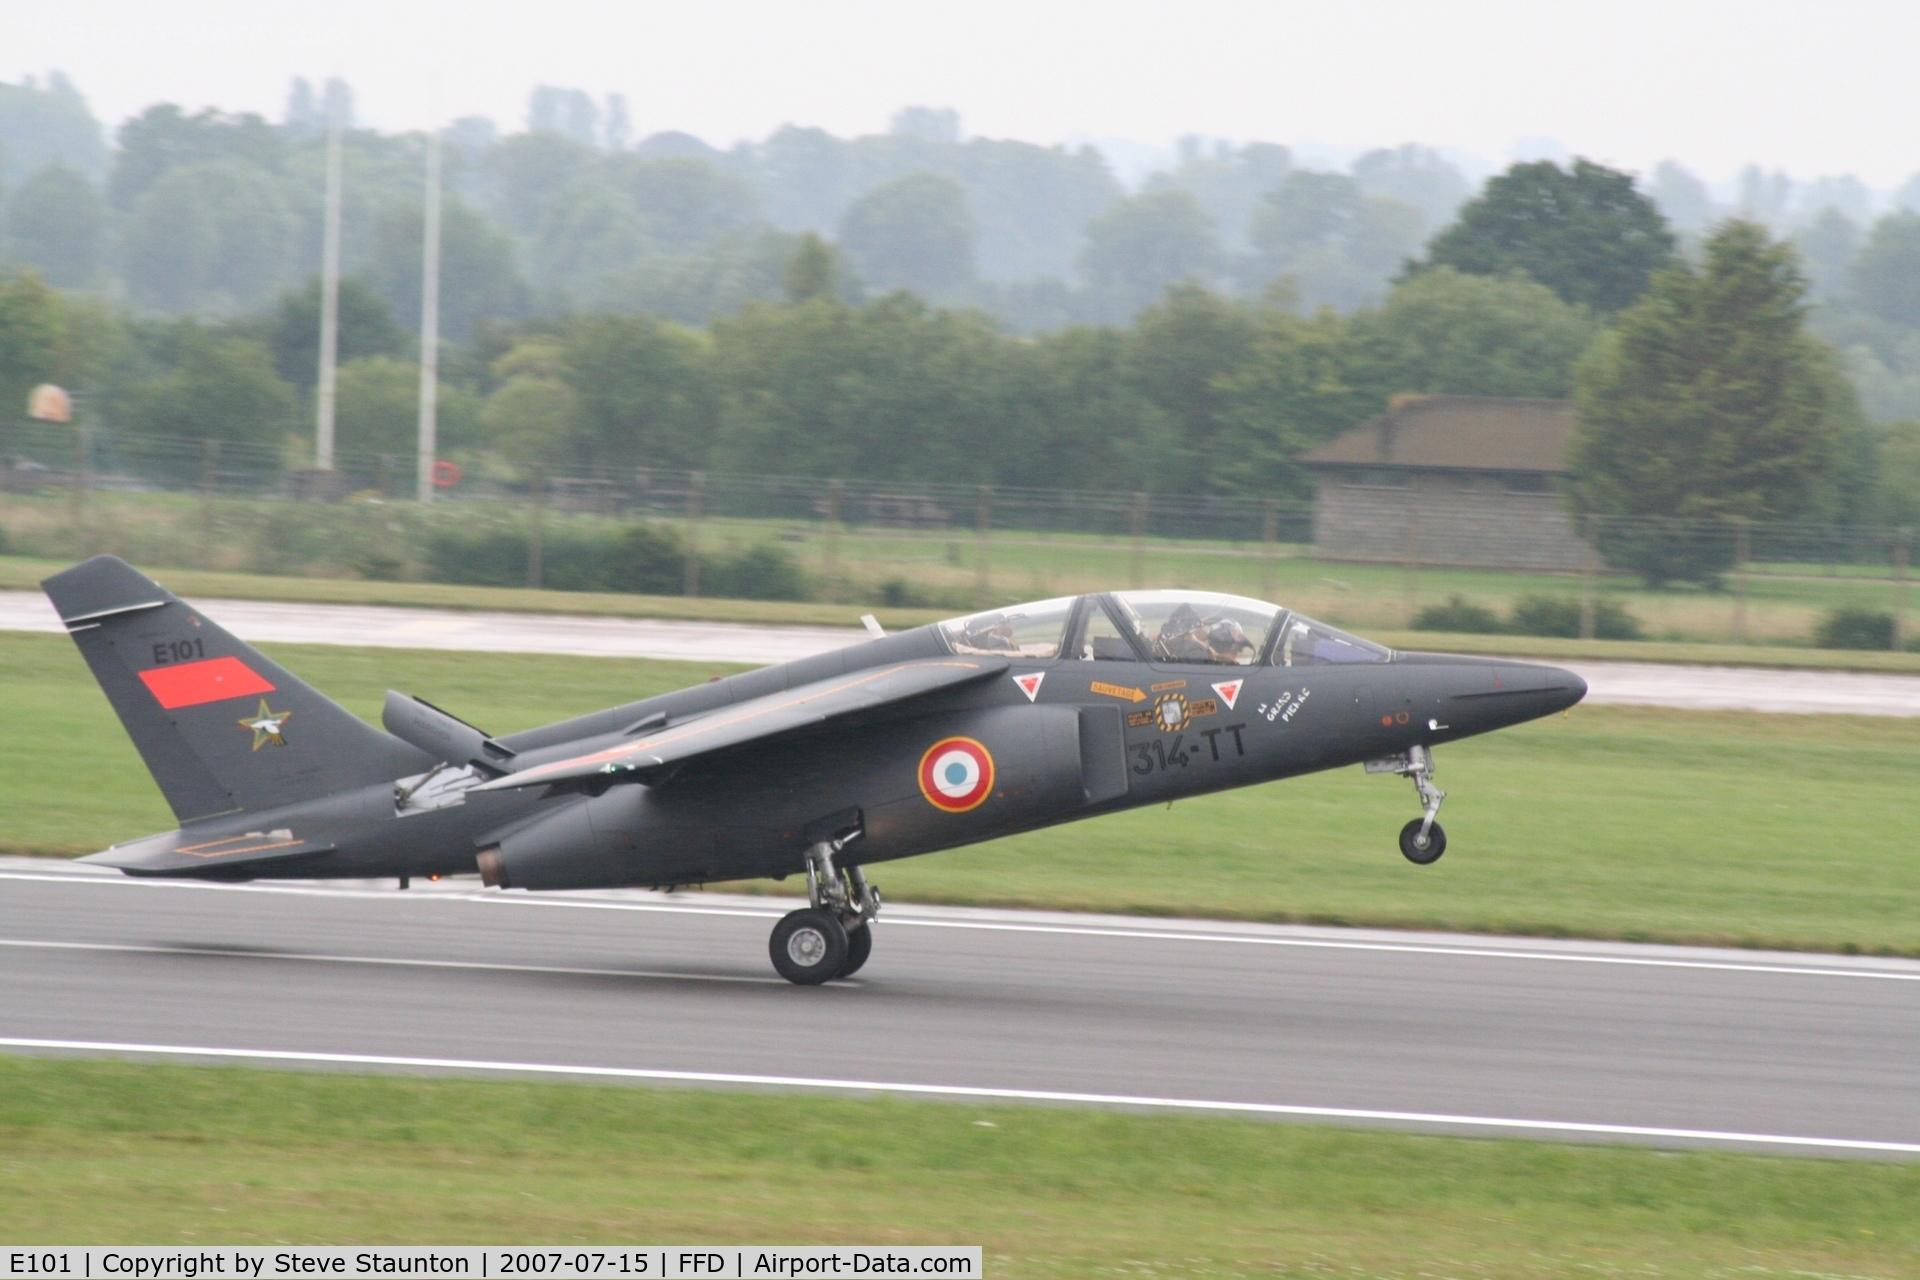 E101, Dassault-Dornier Alpha Jet E C/N E101, Royal International Air Tattoo 2007